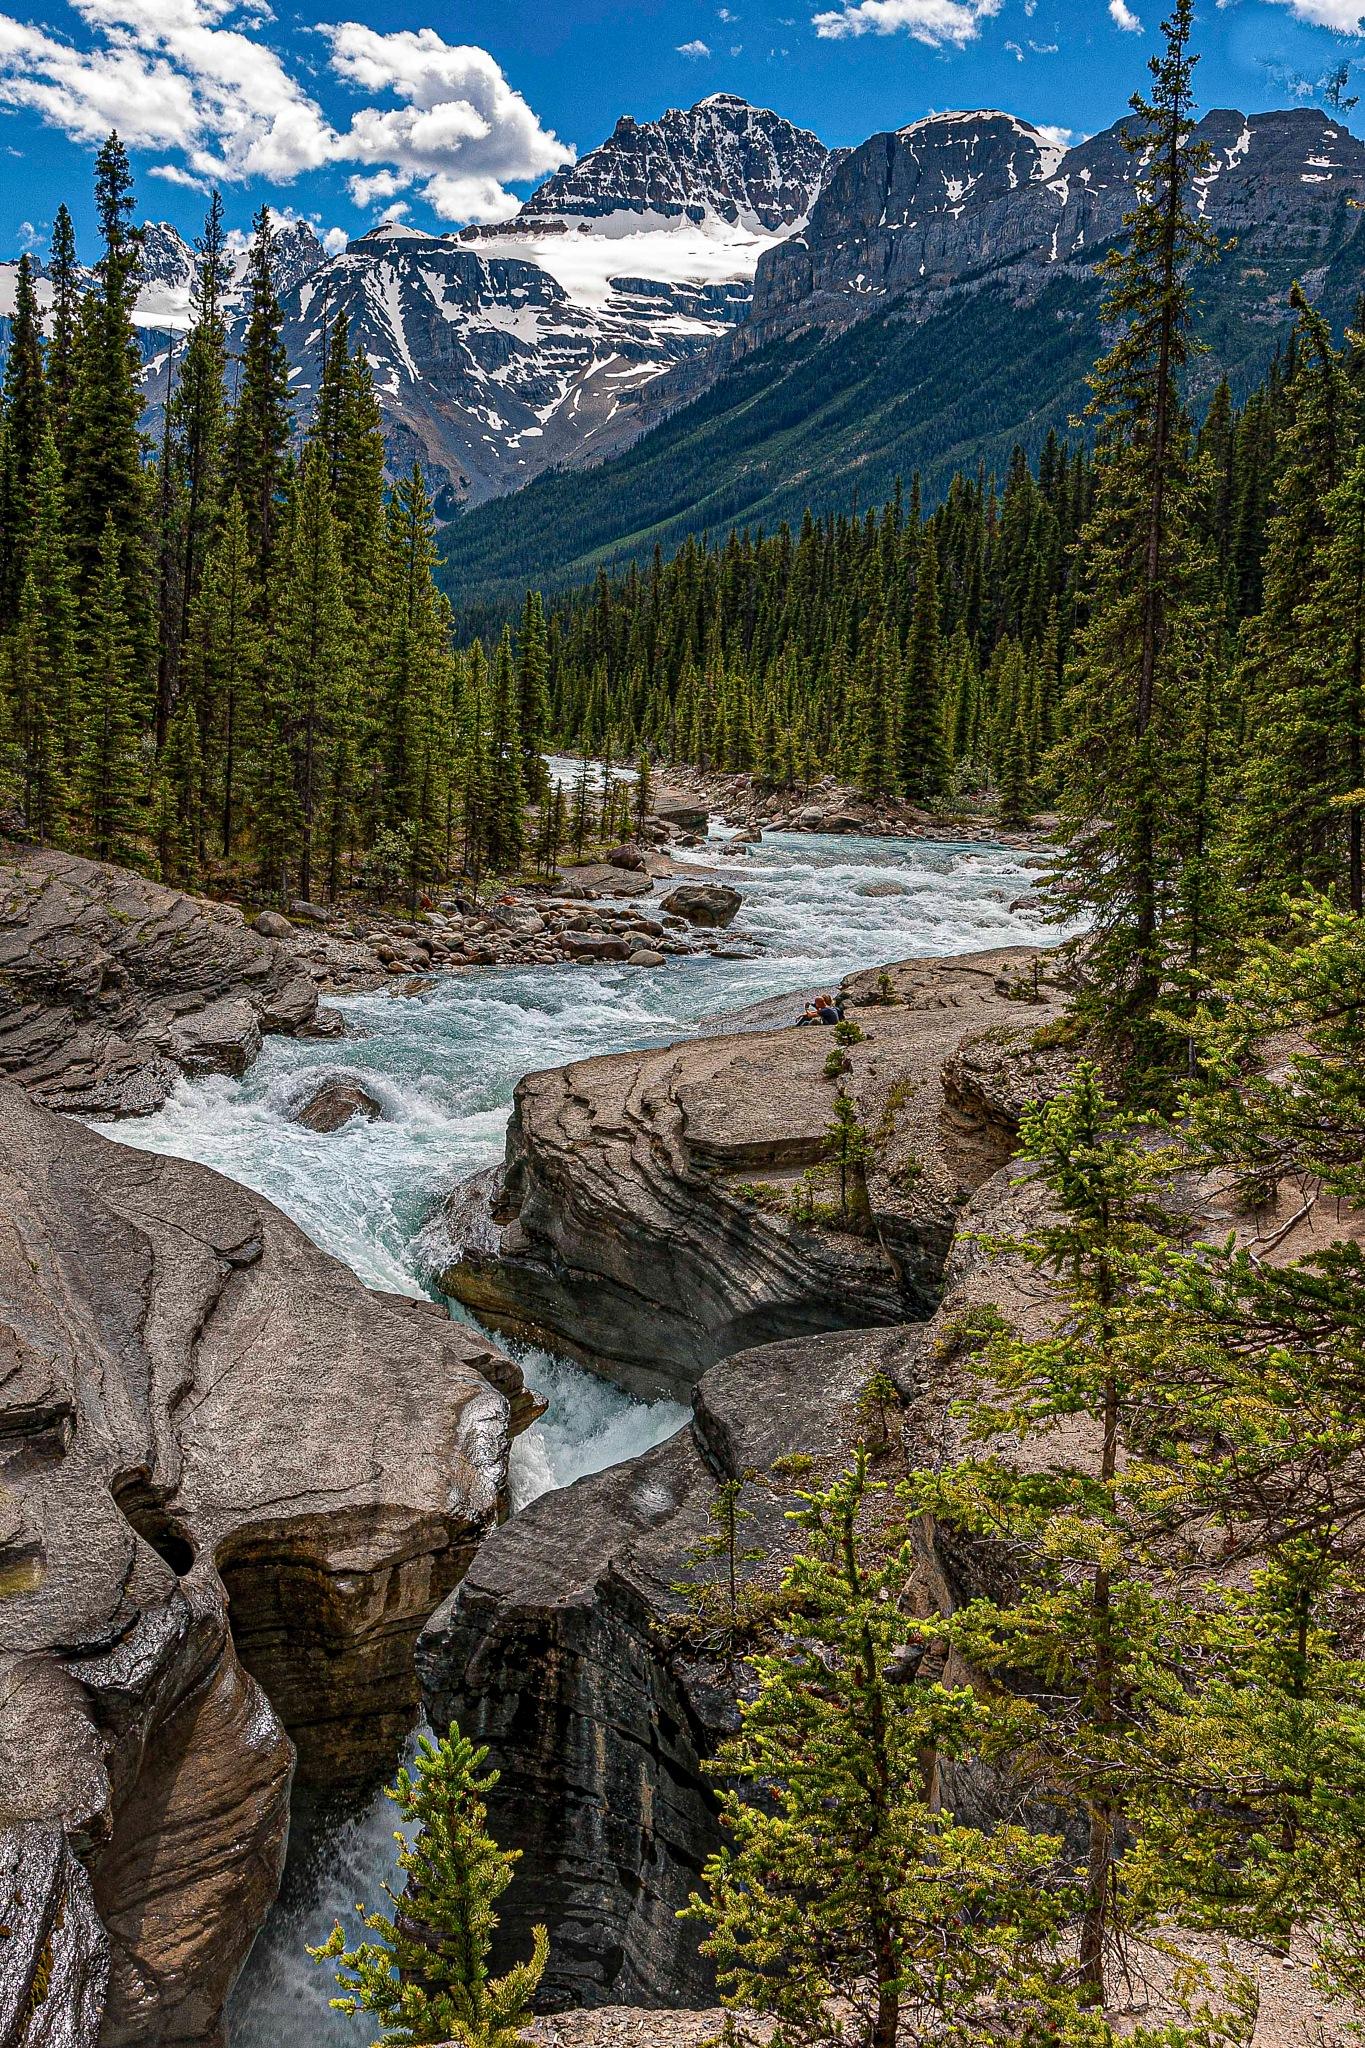 Athabasca River by Allen Weitzman